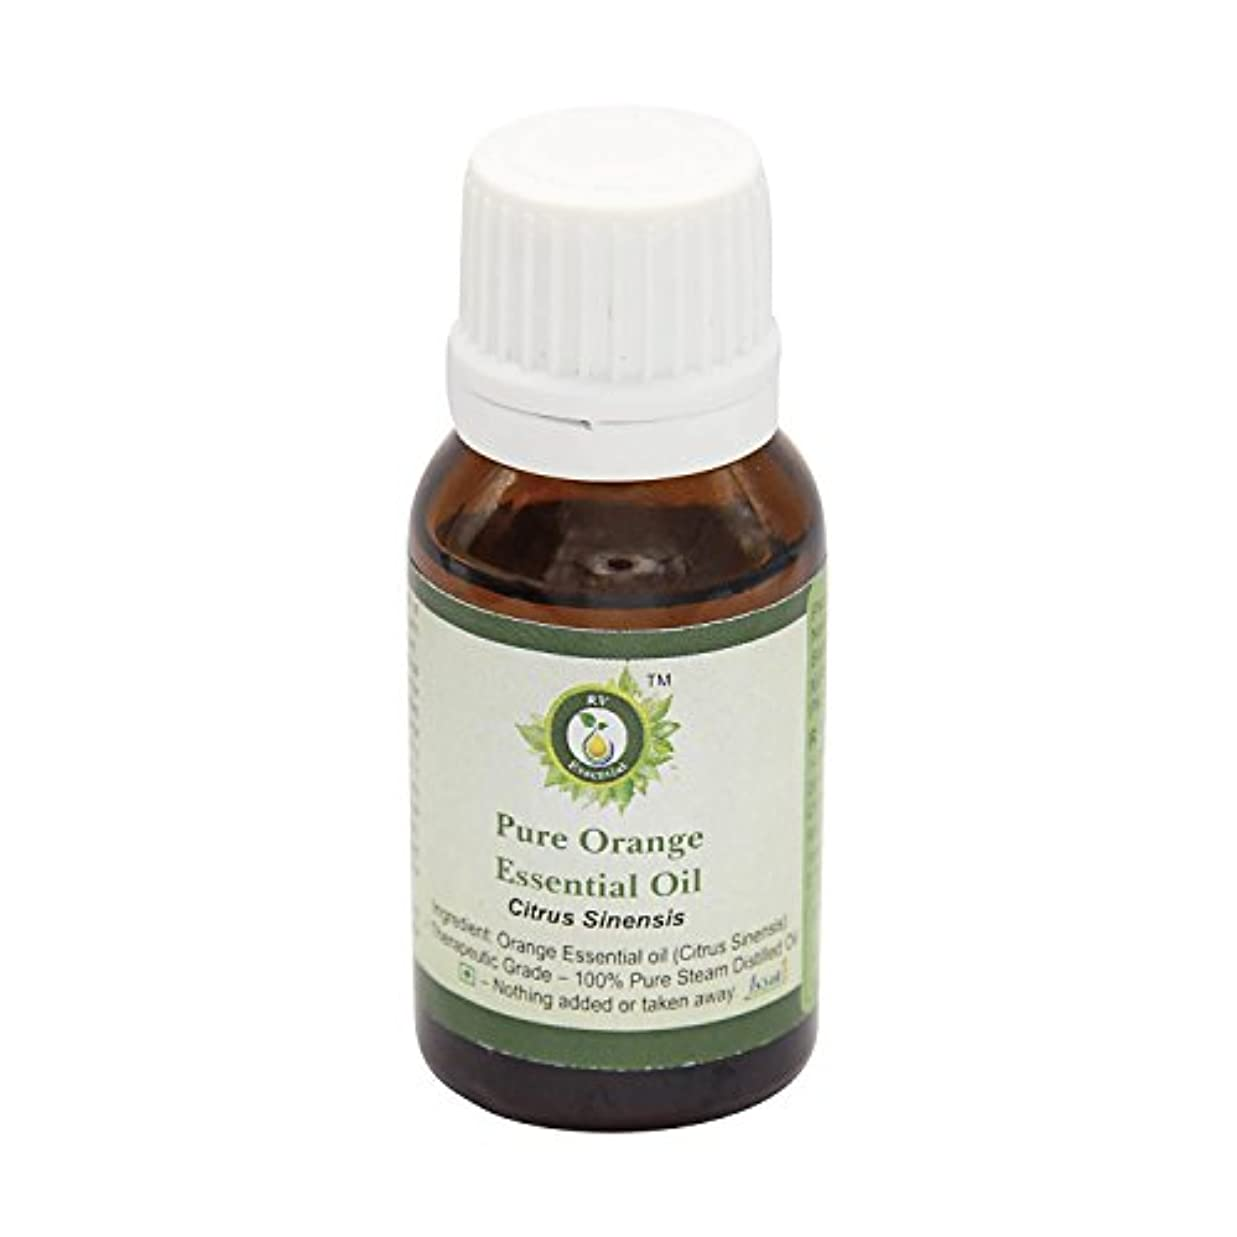 酸素サンプルペルーR V Essential ピュアオレンジエッセンシャルオイル30ml (1.01oz)- Citrus Sinensis (100%純粋&天然スチームDistilled) Pure Orange Essential Oil